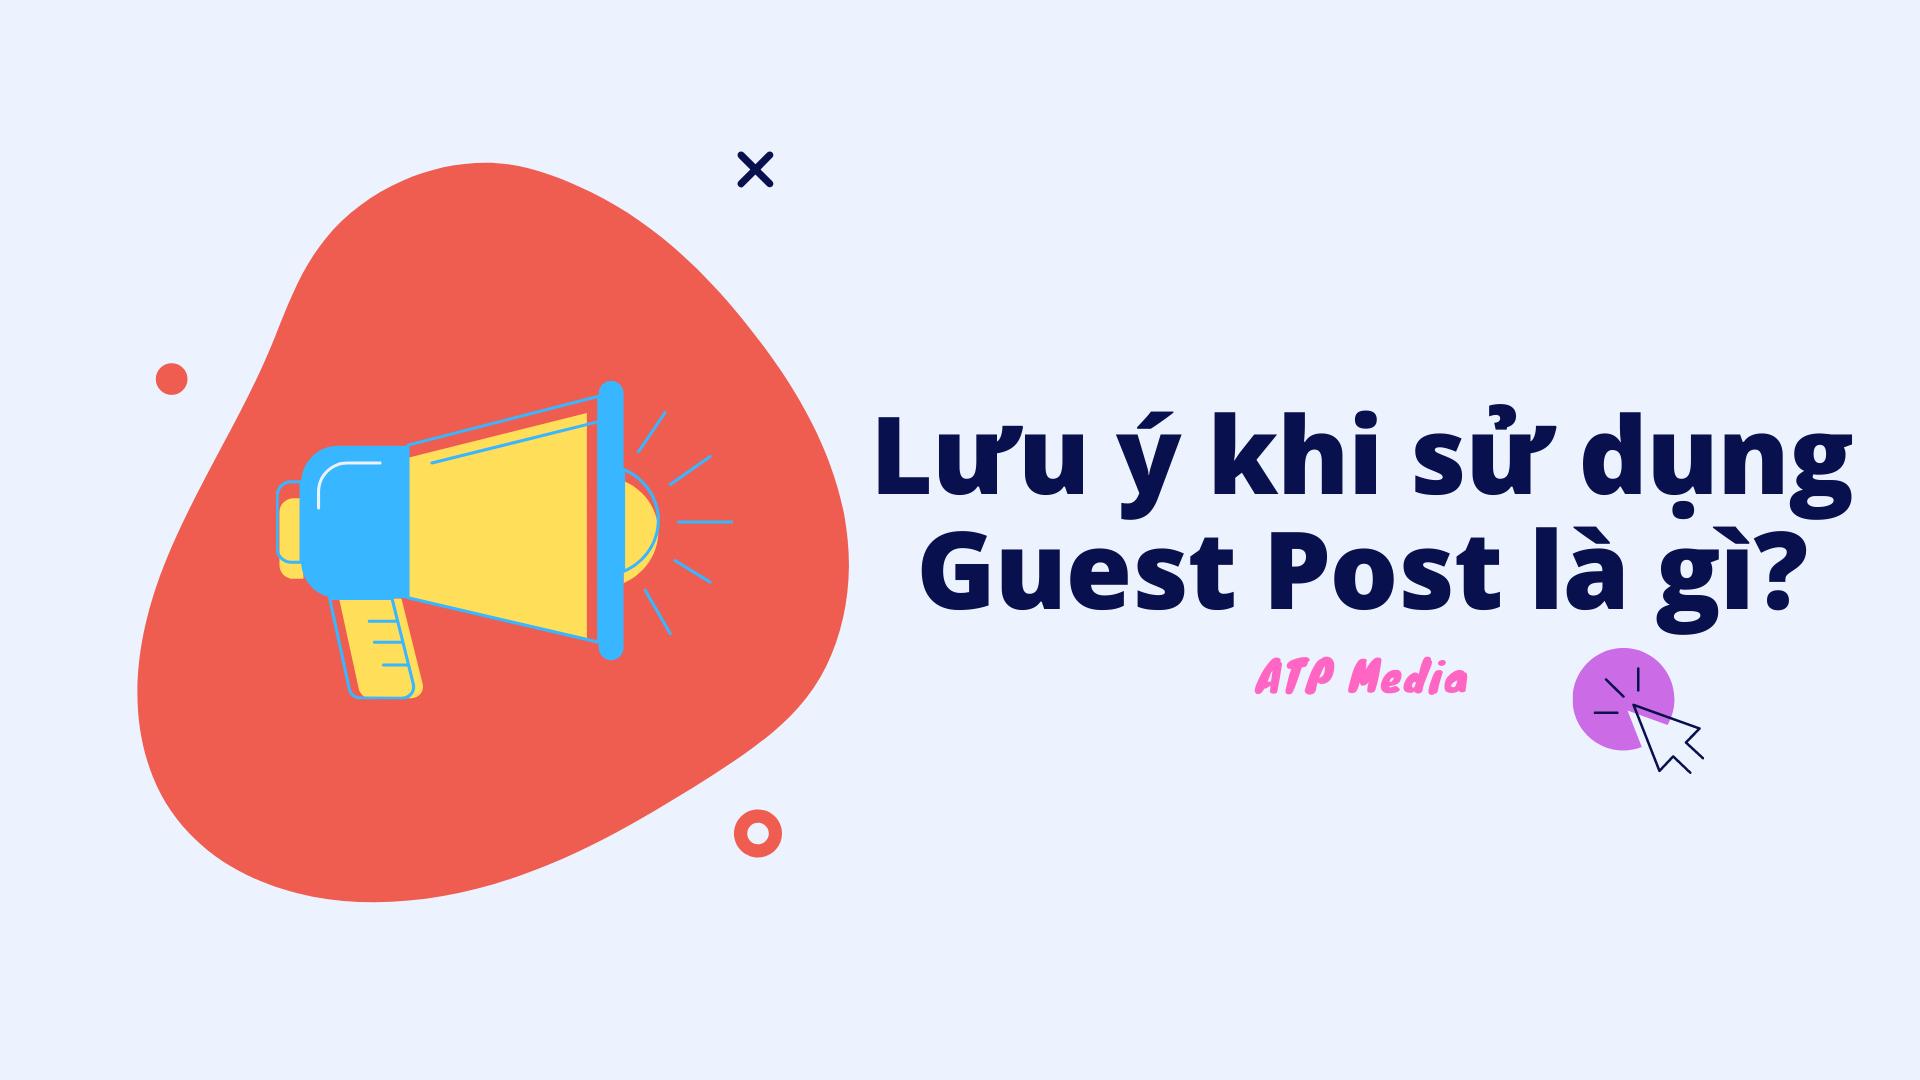 Lưu ý khi sử dụng Guest Post là gì?